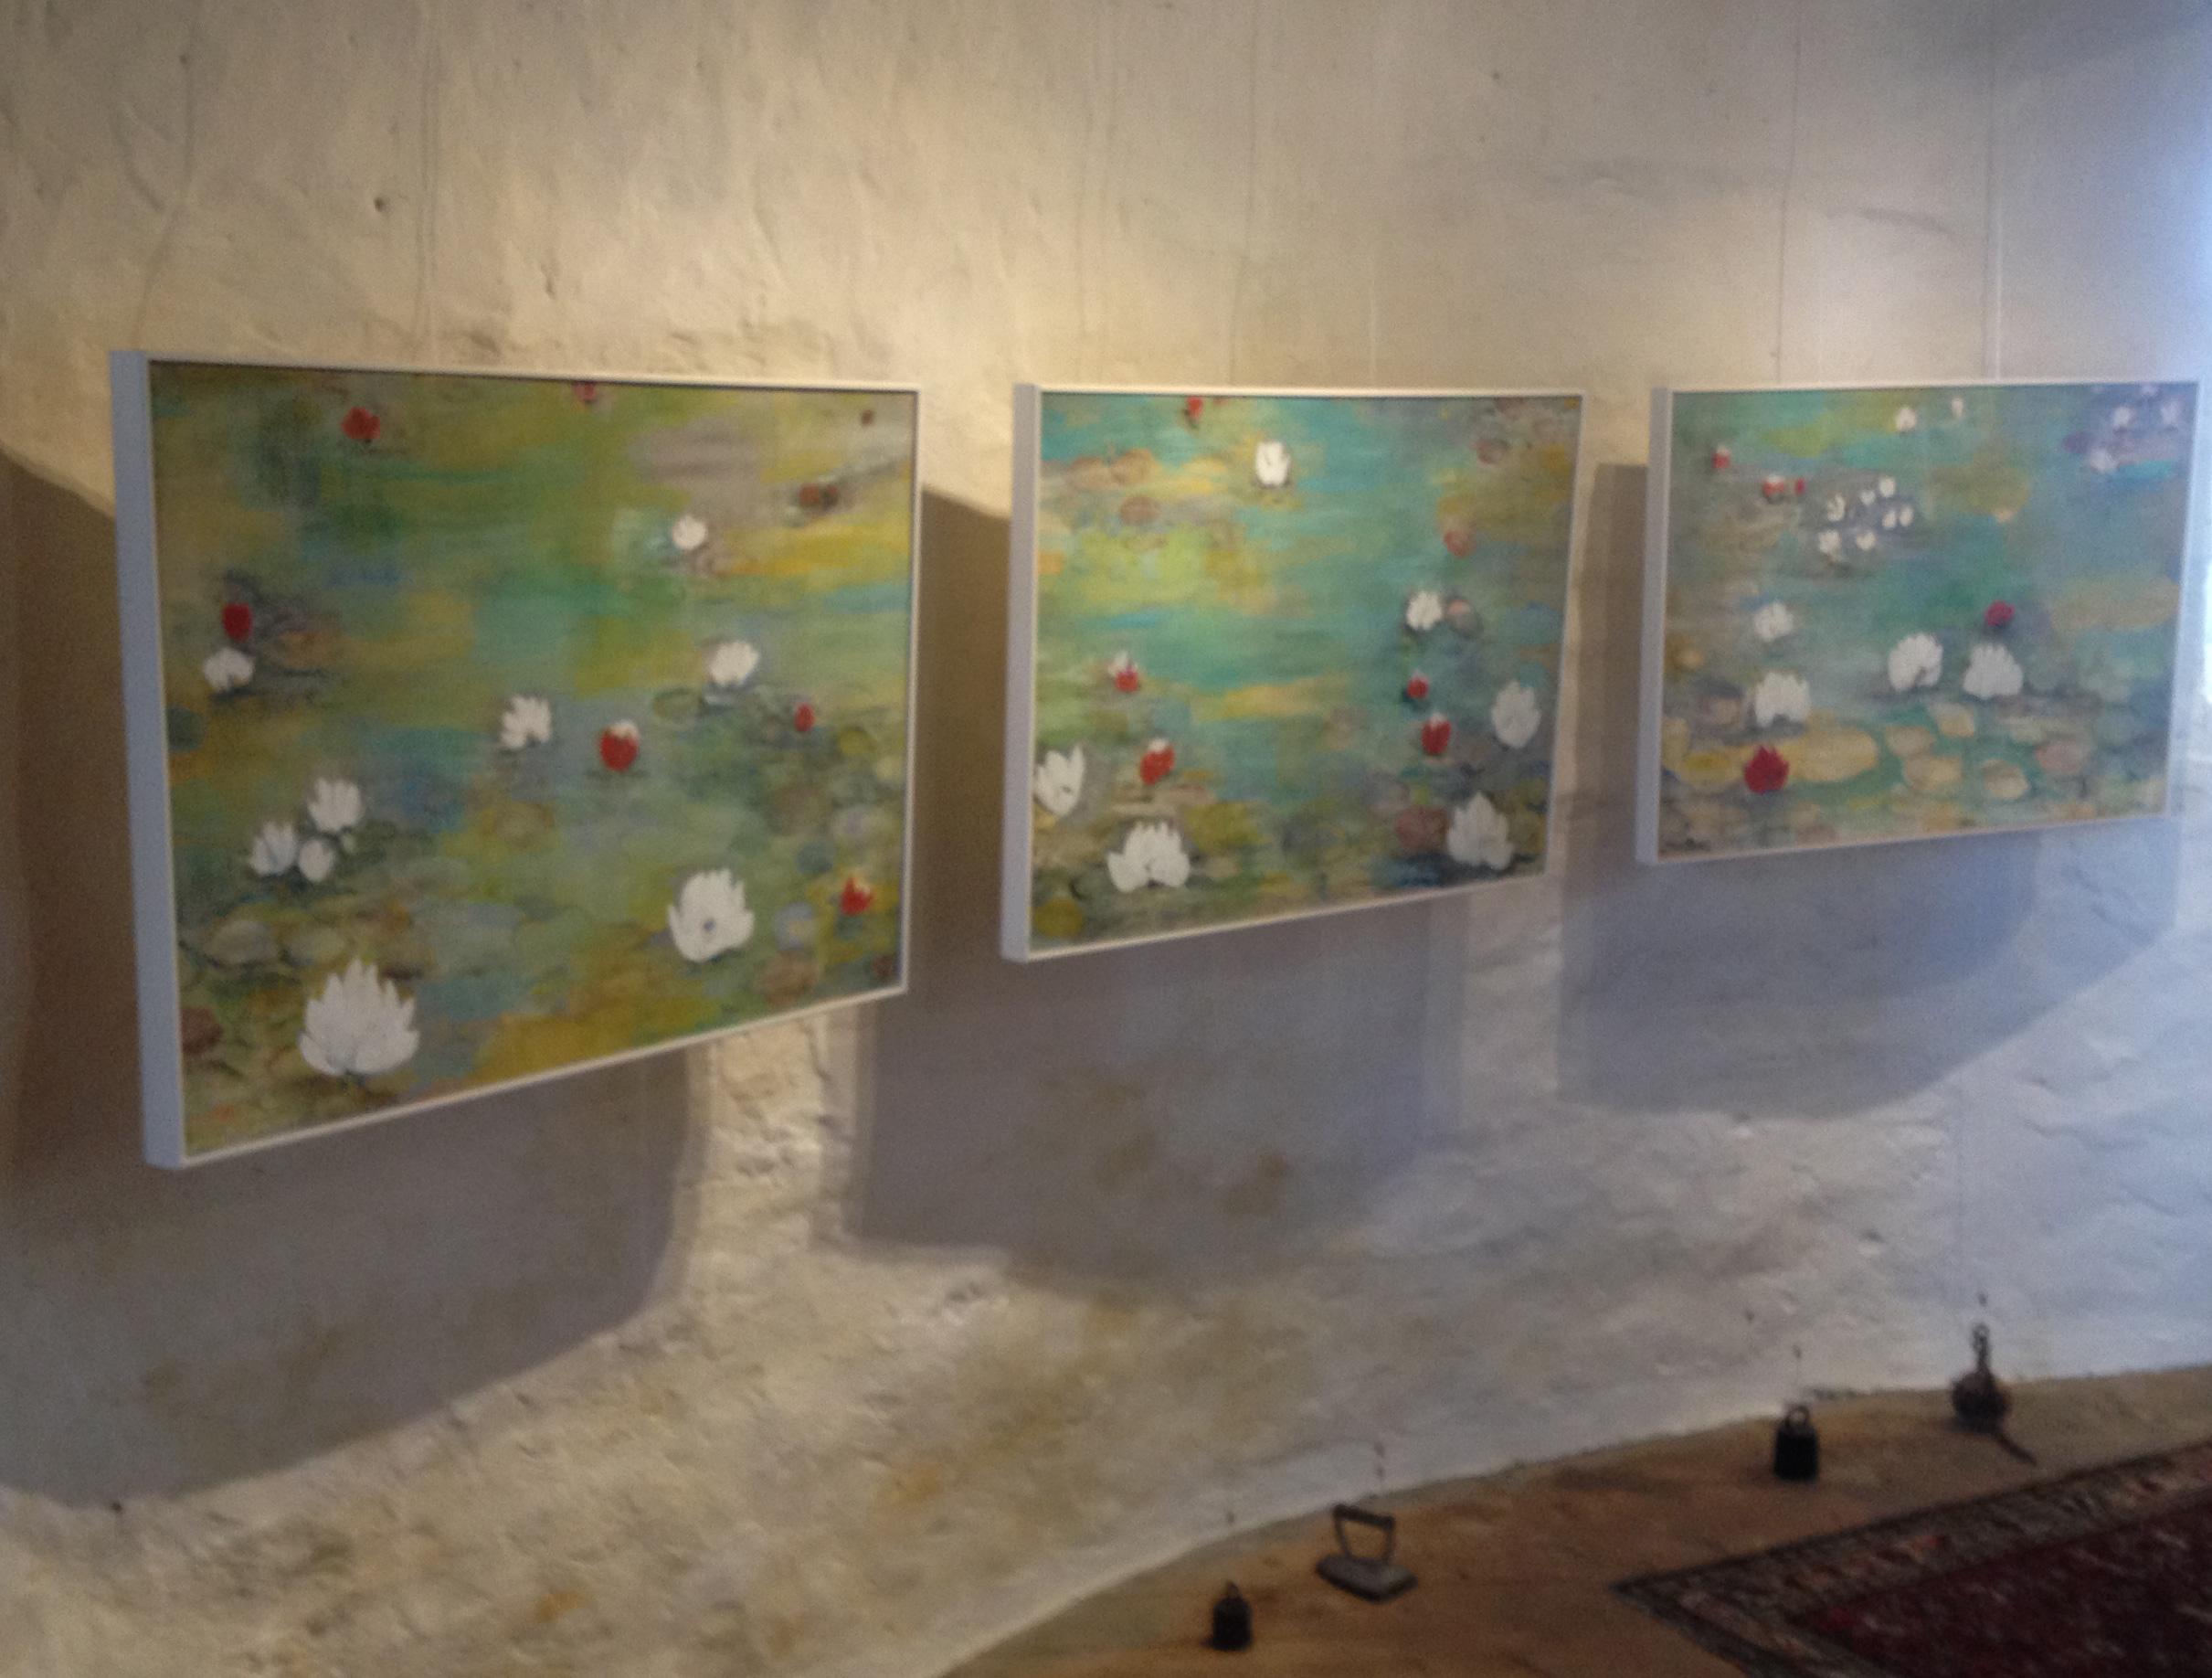 3 maal waterwerk-Cherie de Boer